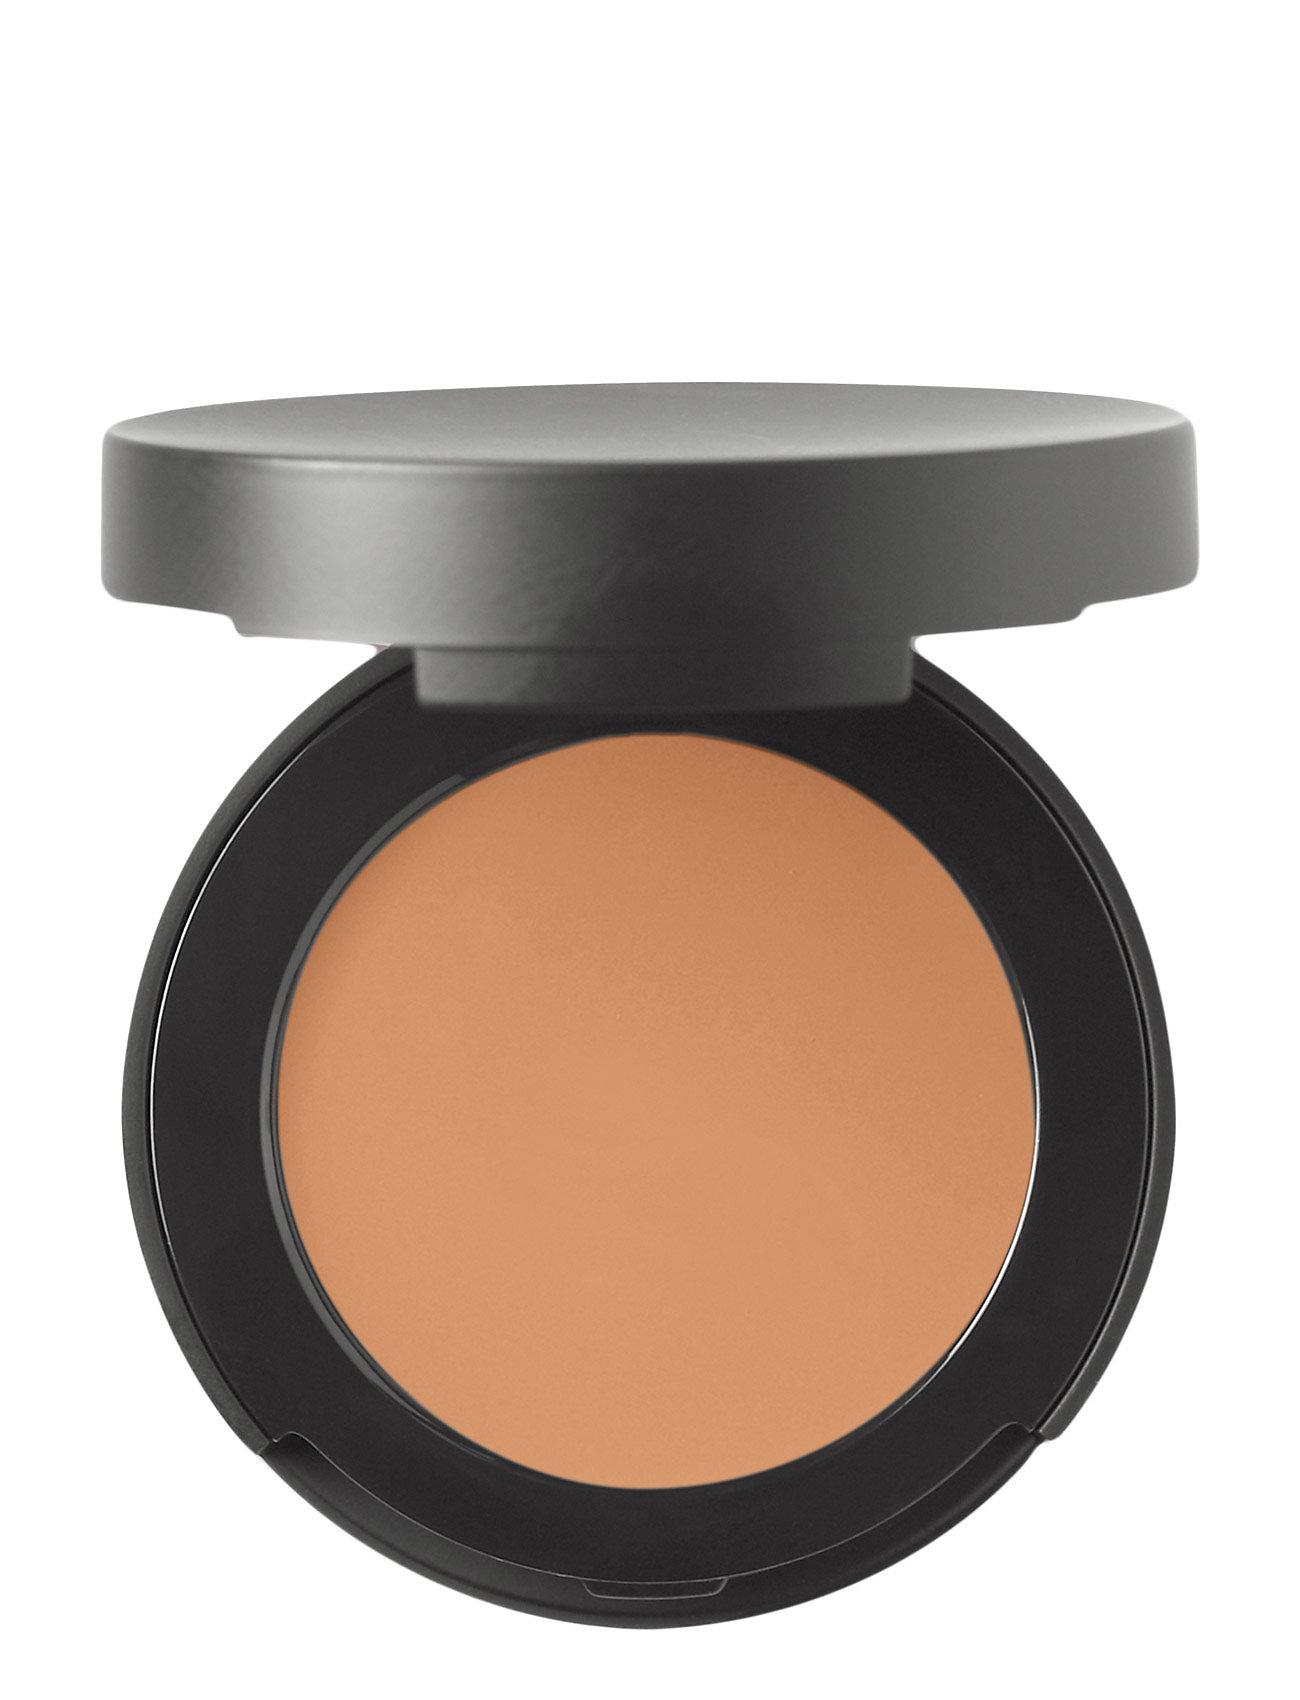 Image of Spf 20 Correcting Concealer Concealer Makeup BareMinerals (3074538873)